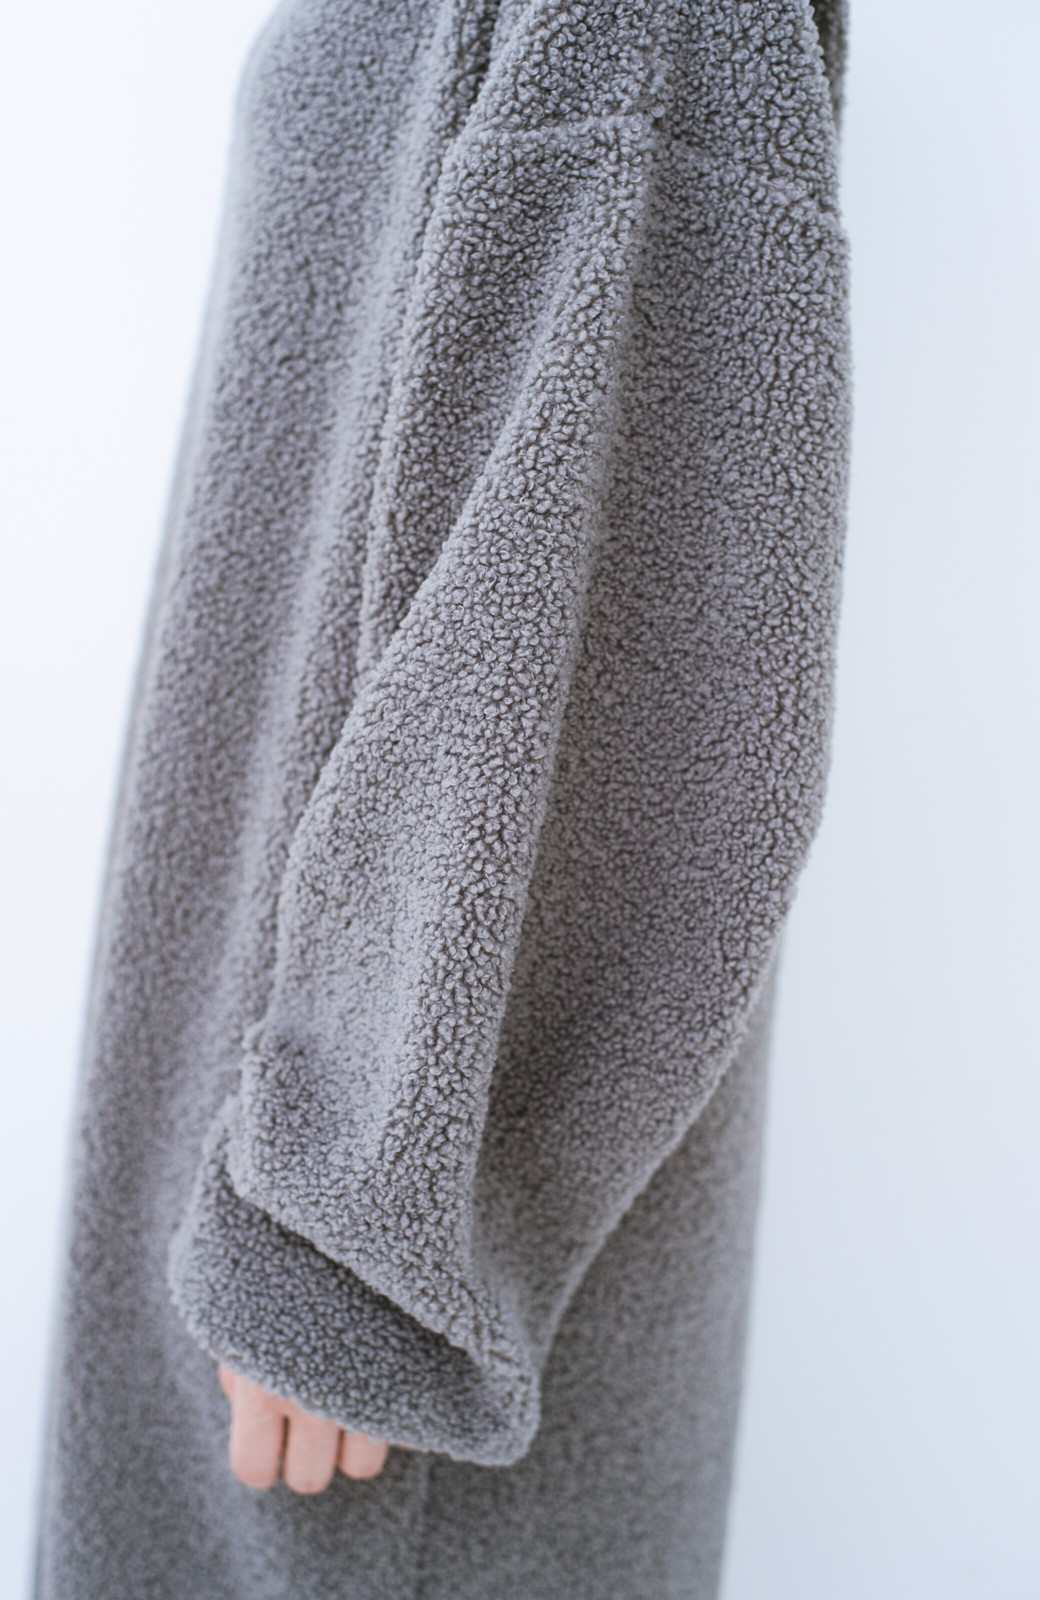 haco! むくみもすぽっと隠してくれる 楽ちんボアロングワンピ&裏起毛レギンスセット【まったり期~もやもや期】女の子バンザイ!プロジェクト  <グレー>の商品写真7